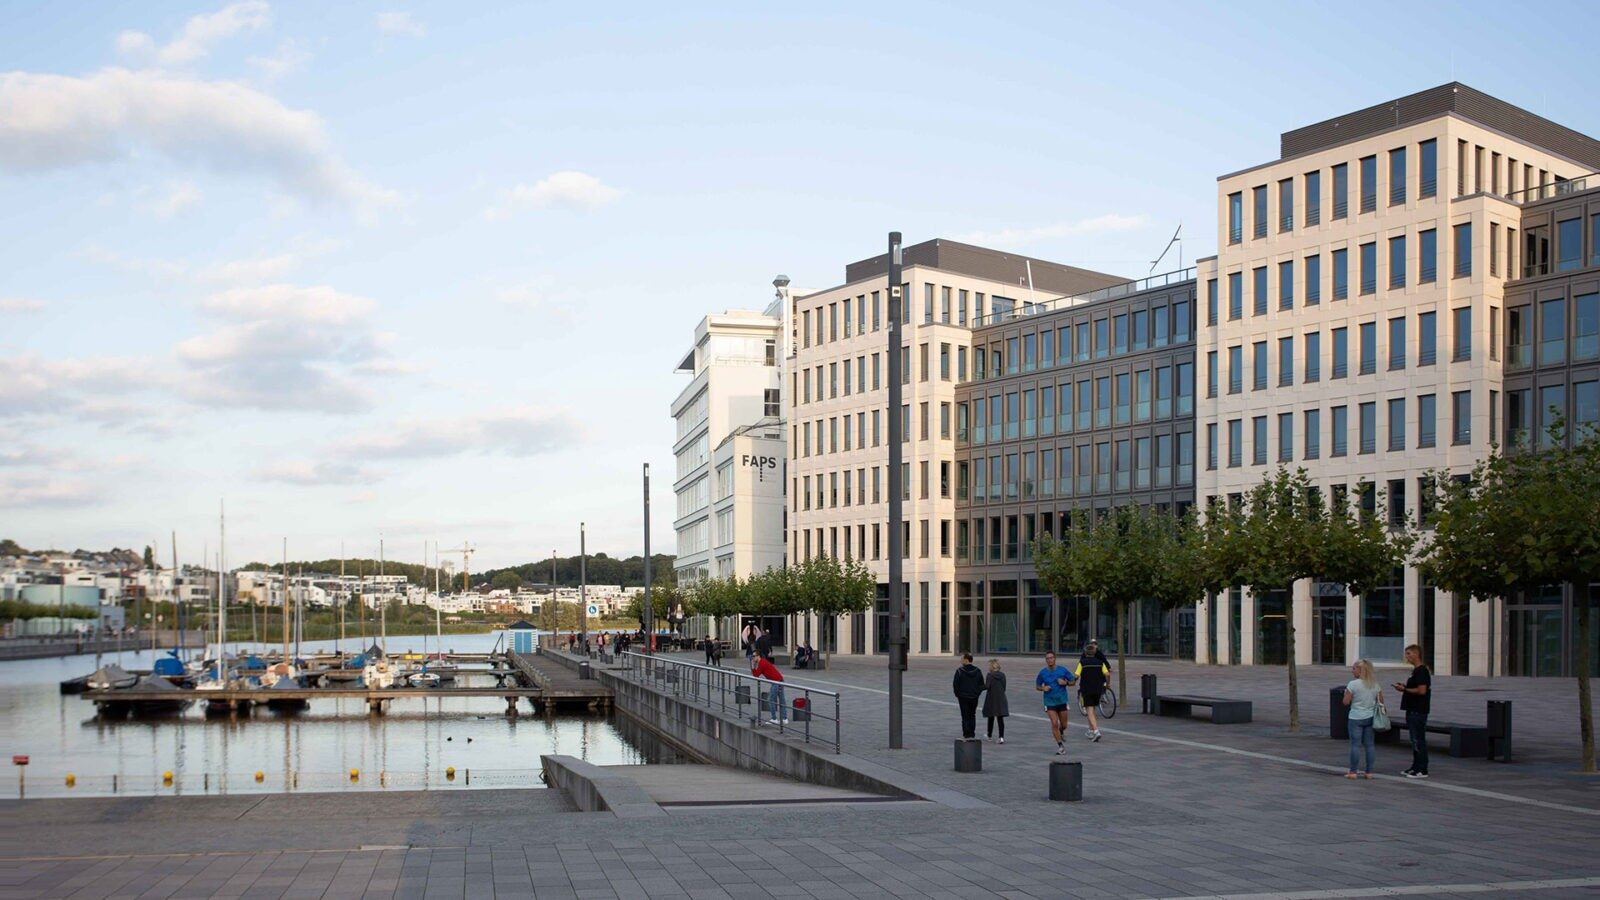 Fassade des Kontor am Kai in Dortmund, Architektur: Kleihues + Kleihues